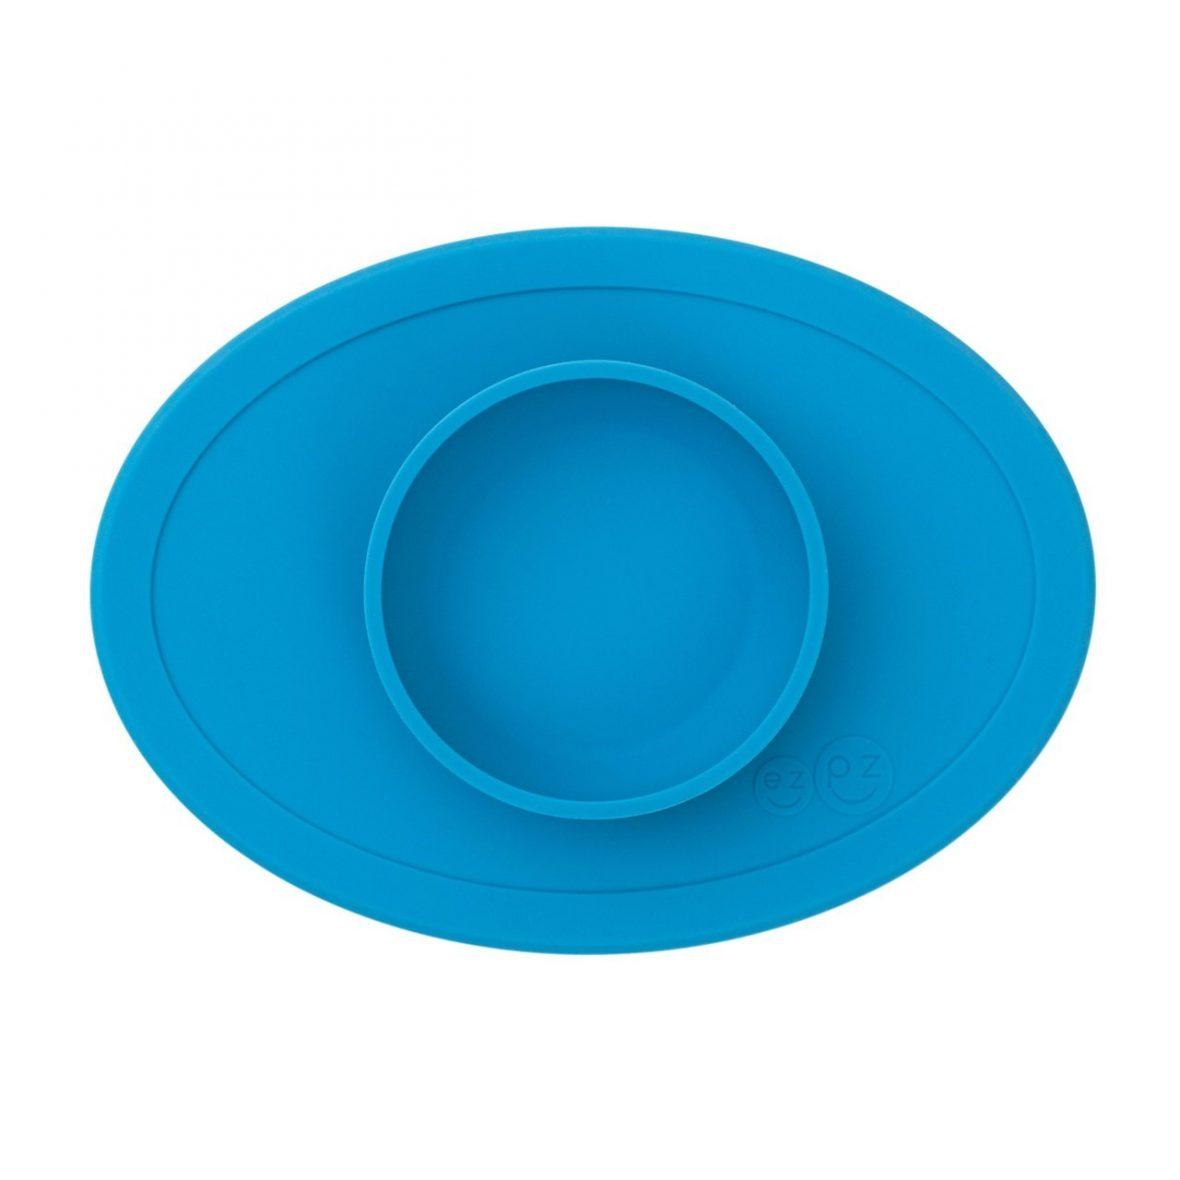 Ezpz Tiny Bowl Mavi Bebek Kasesi